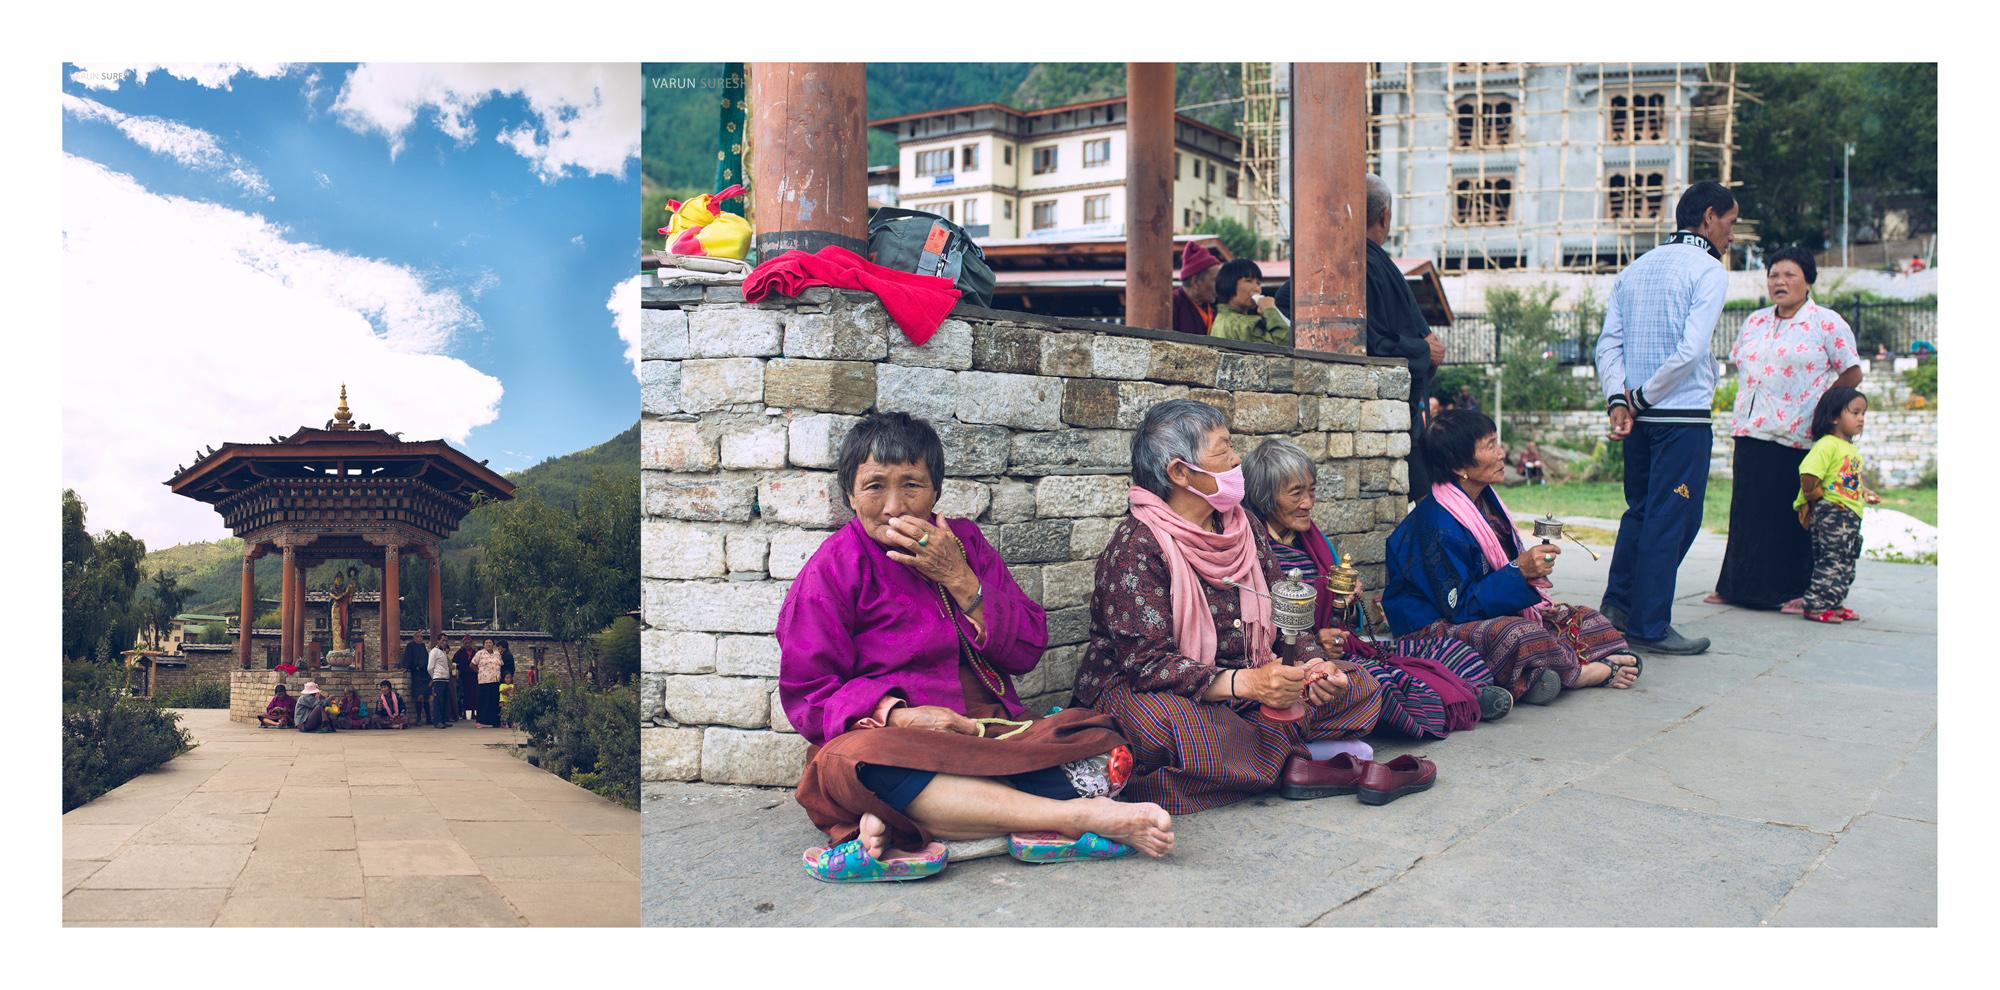 Bhutan_016 copy.jpg